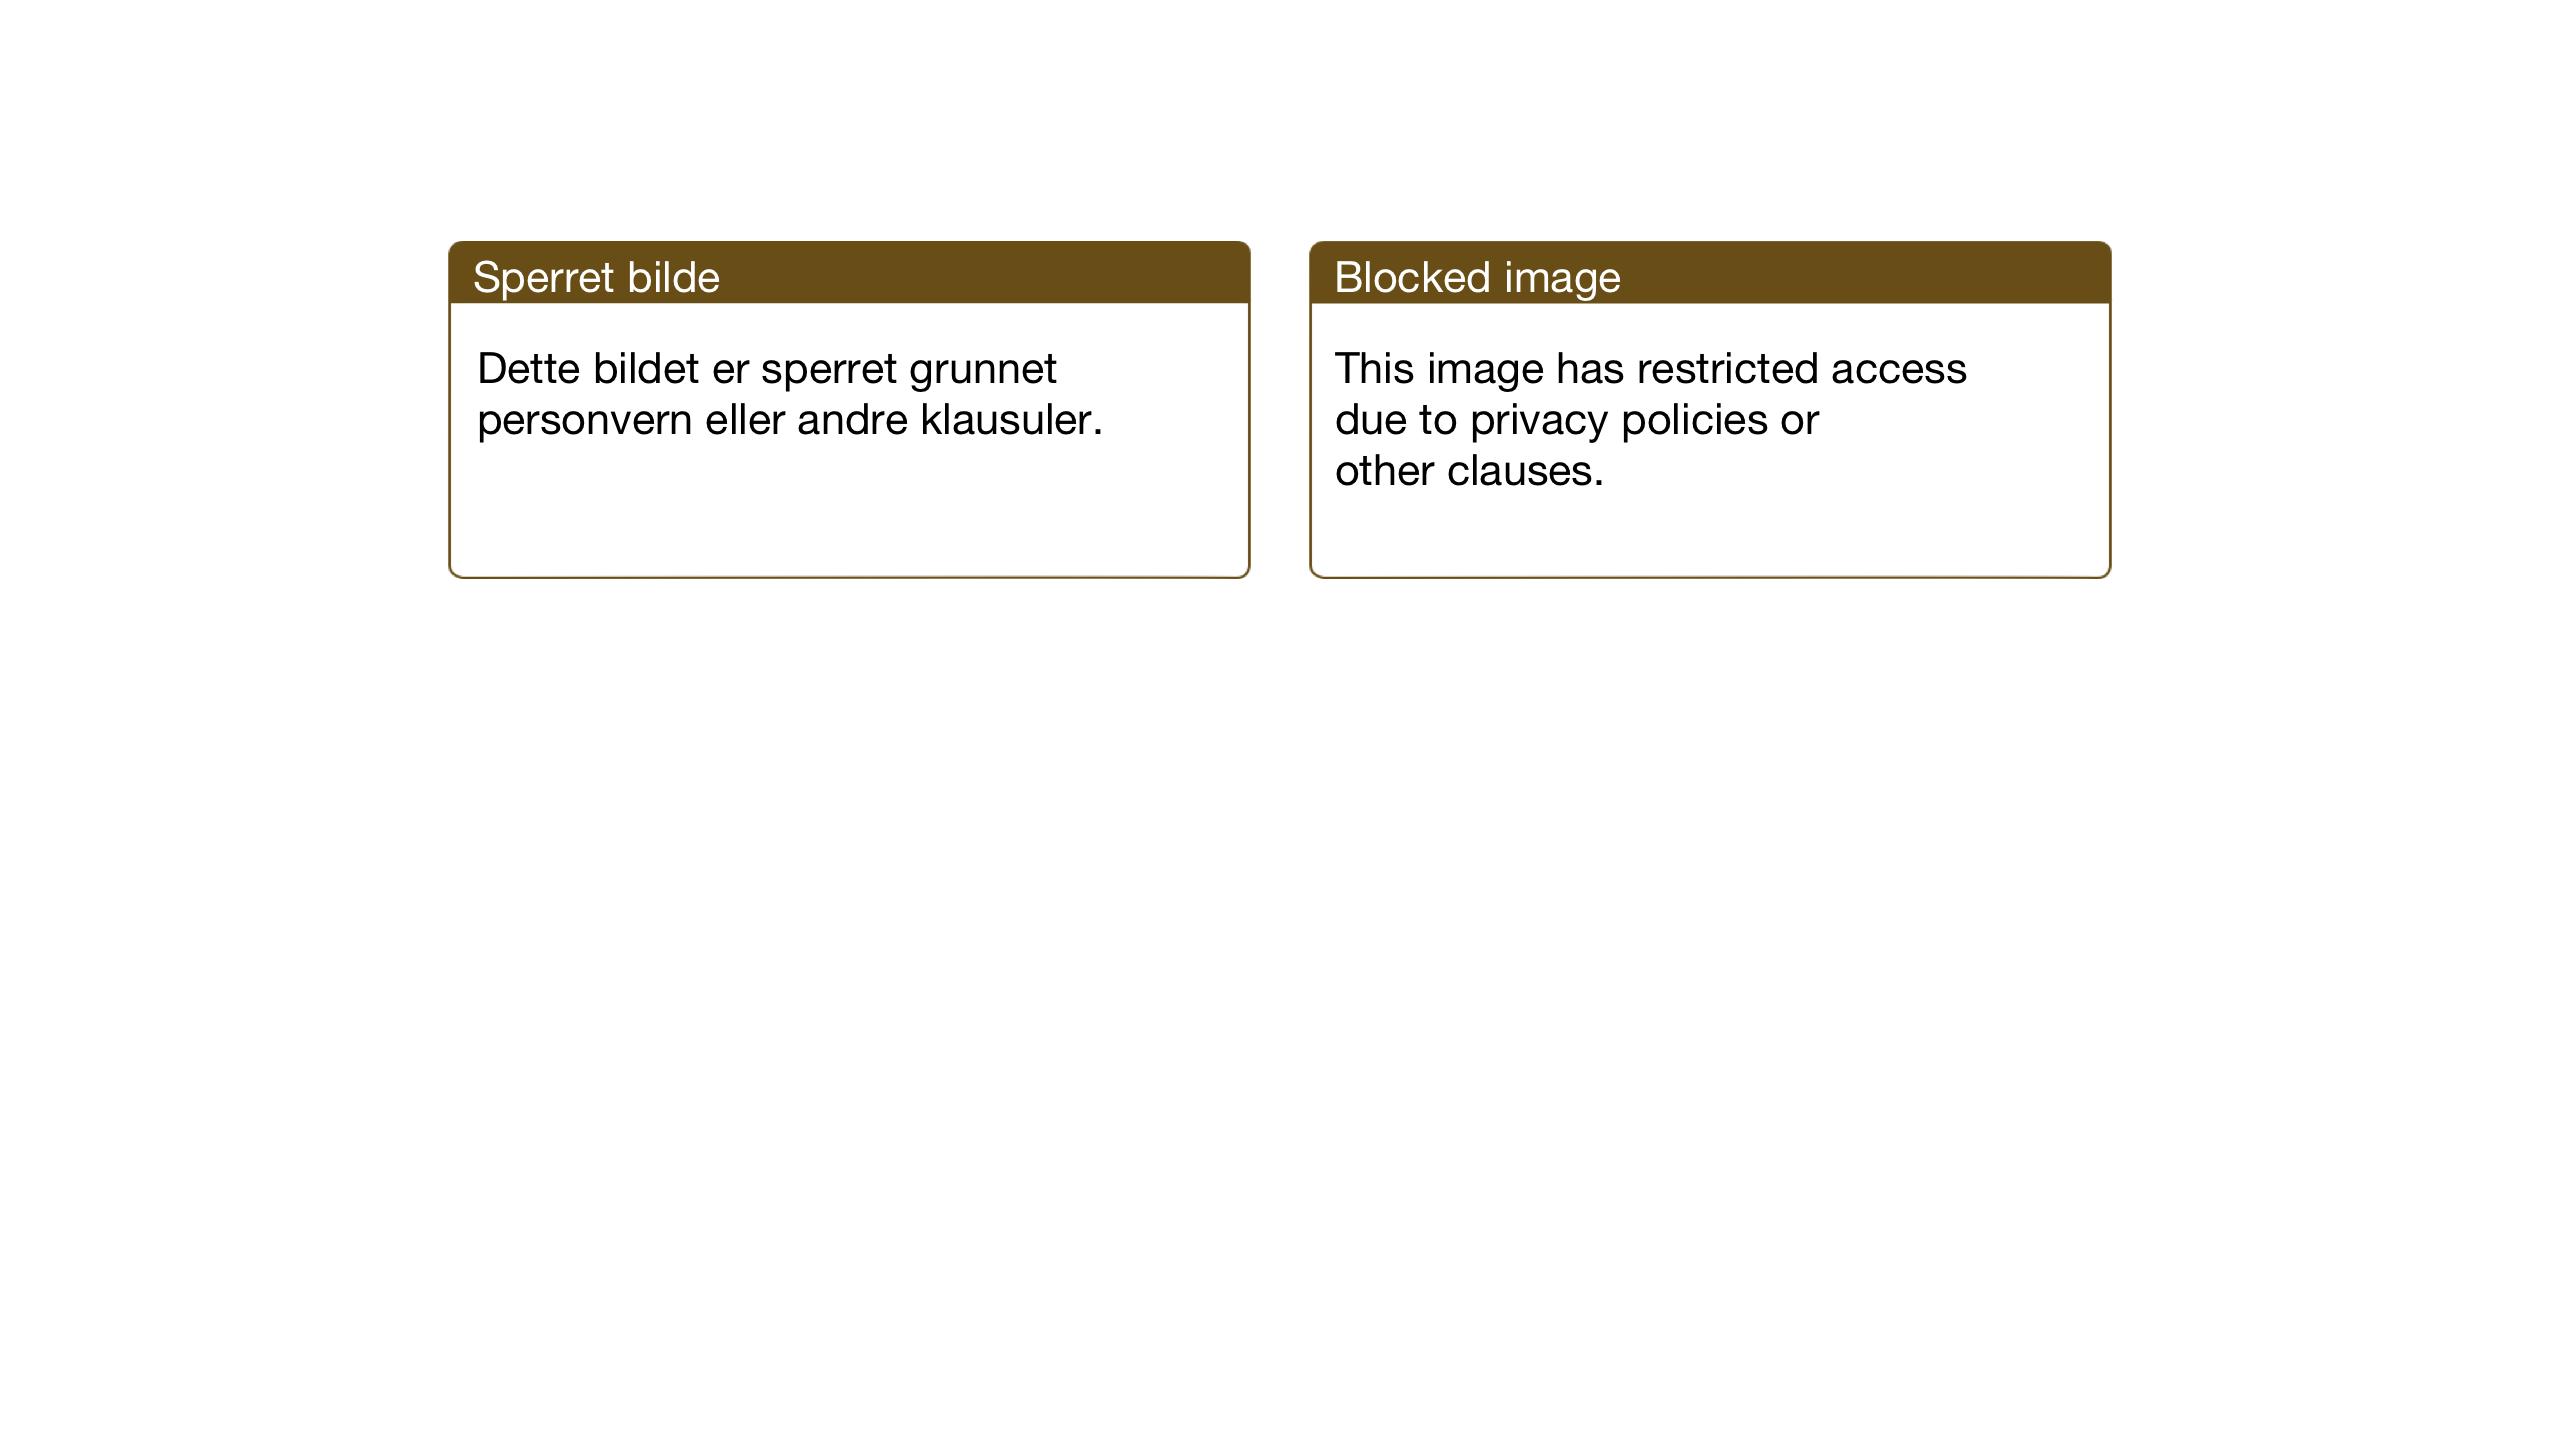 SAT, Ministerialprotokoller, klokkerbøker og fødselsregistre - Nord-Trøndelag, 755/L0500: Klokkerbok nr. 755C01, 1920-1962, s. 72